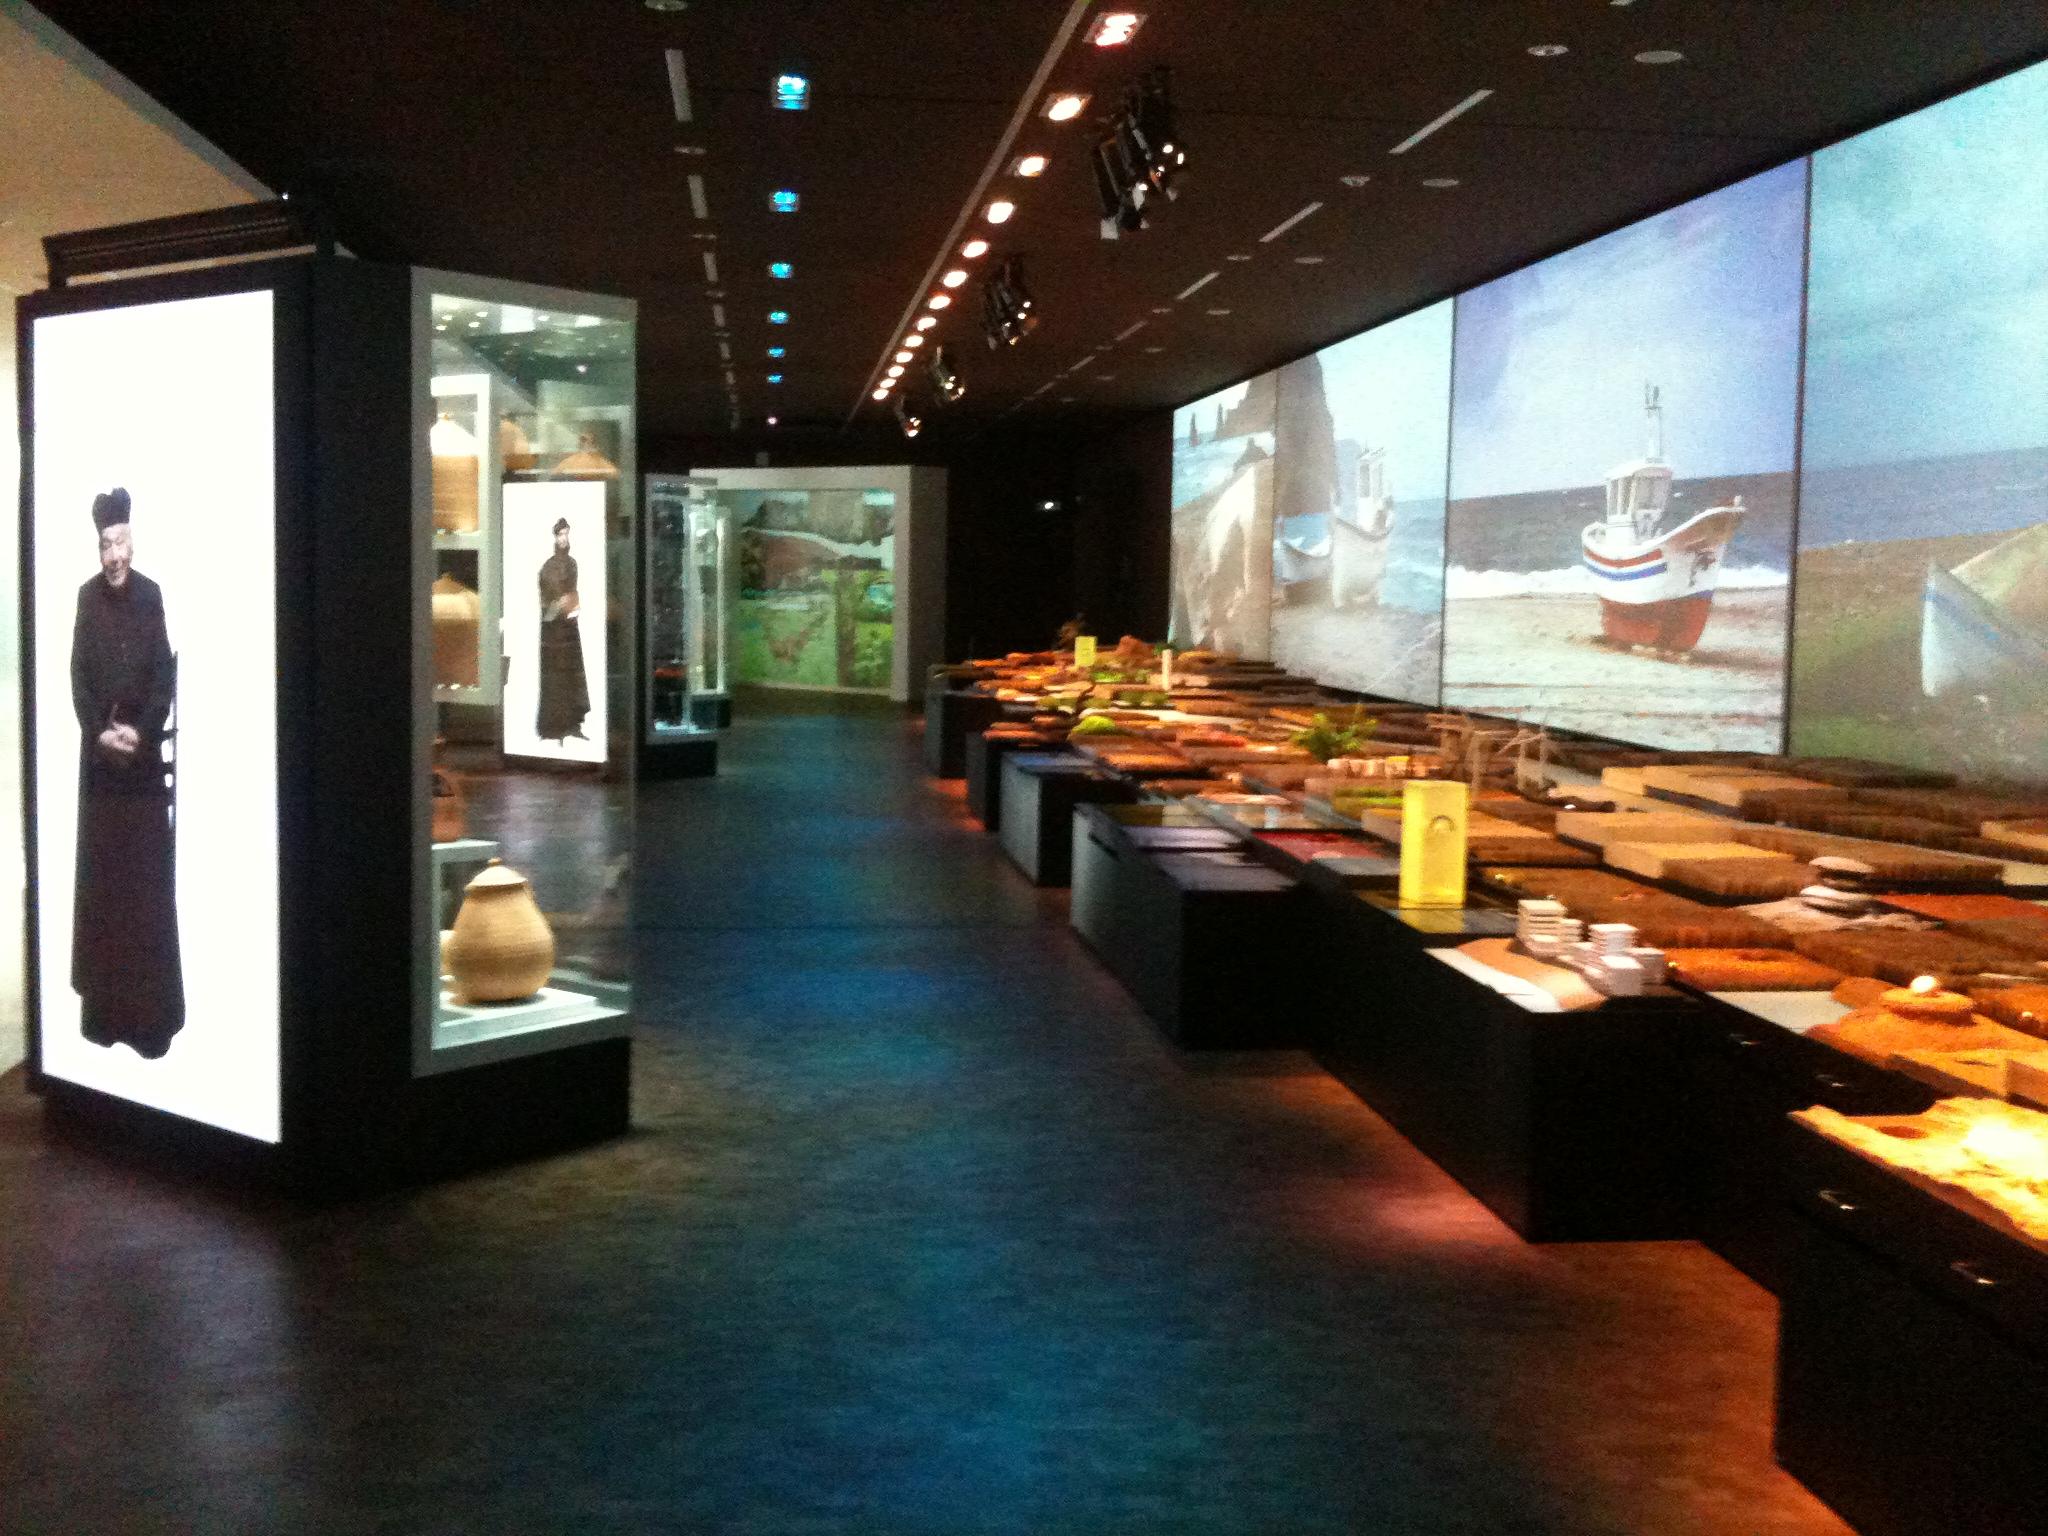 Interactive display Centro Cultural CajaGranada Memoria de Andalucía andrew forbes